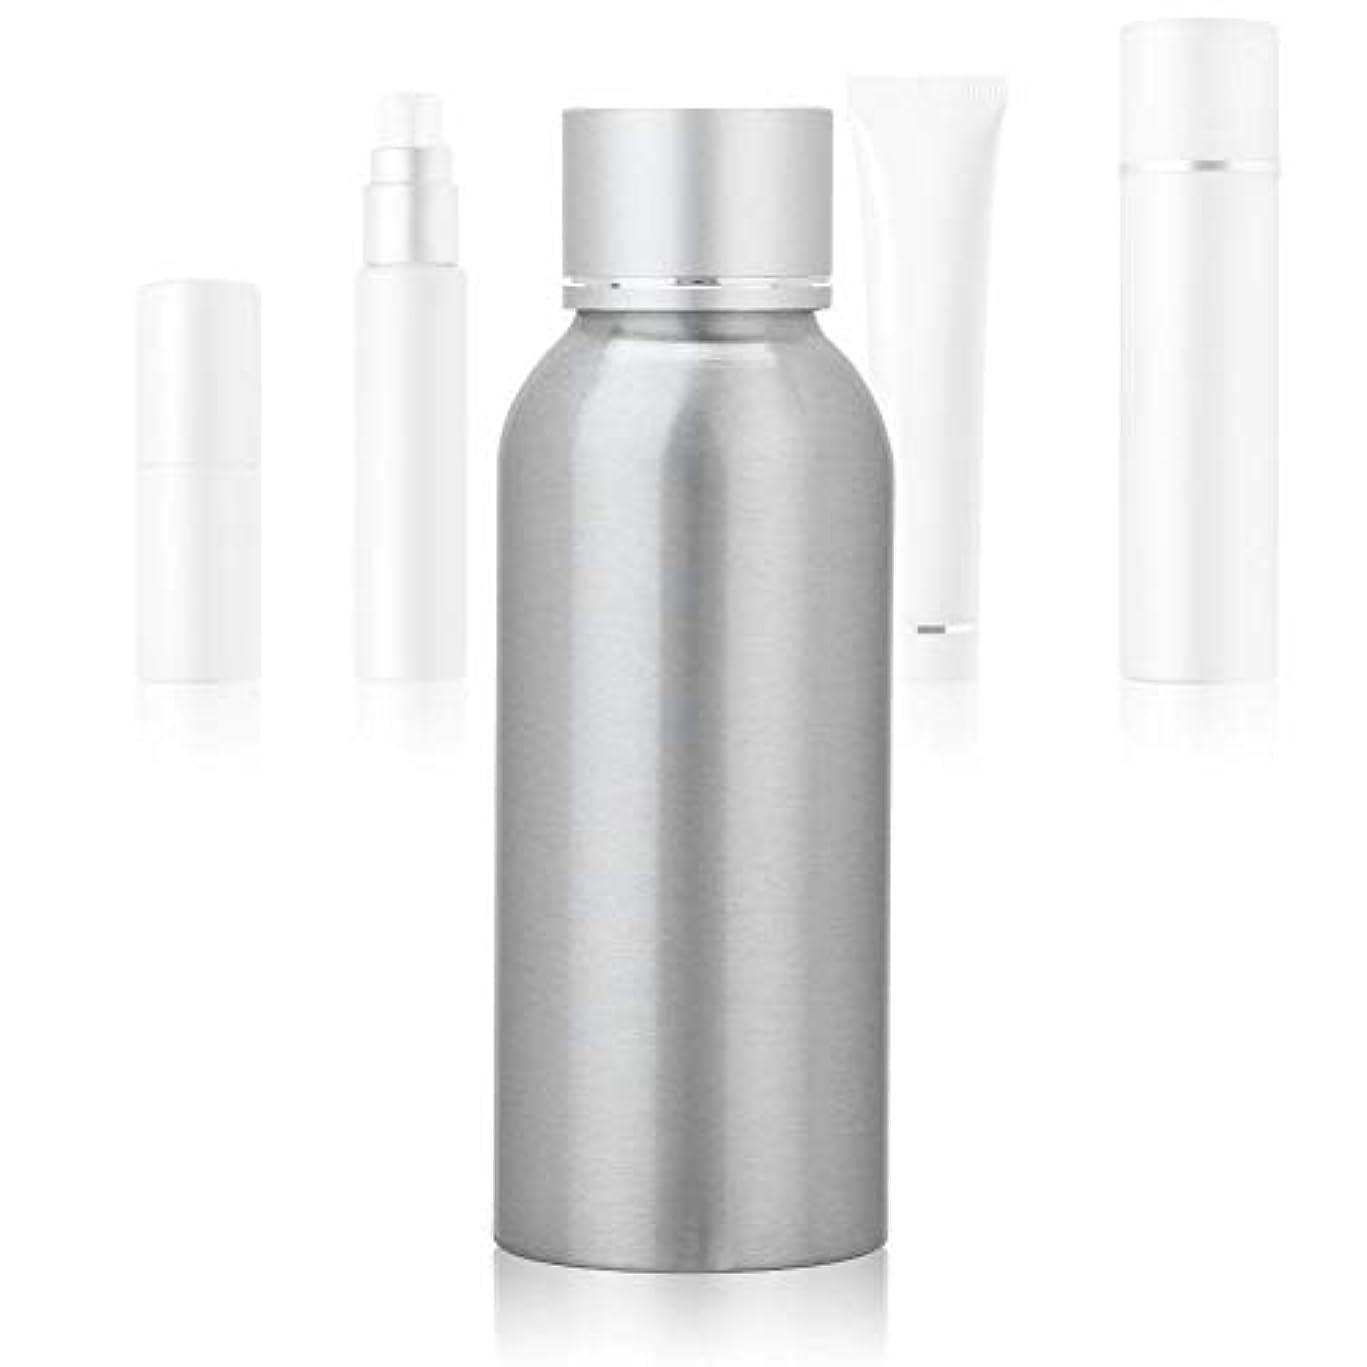 高齢者平均まろやかな100 MLアジア銀陽極酸化アルミニウム 空の化粧品ボトル ポータブルDIY スキンケア 製品トナーコンテナーボトル